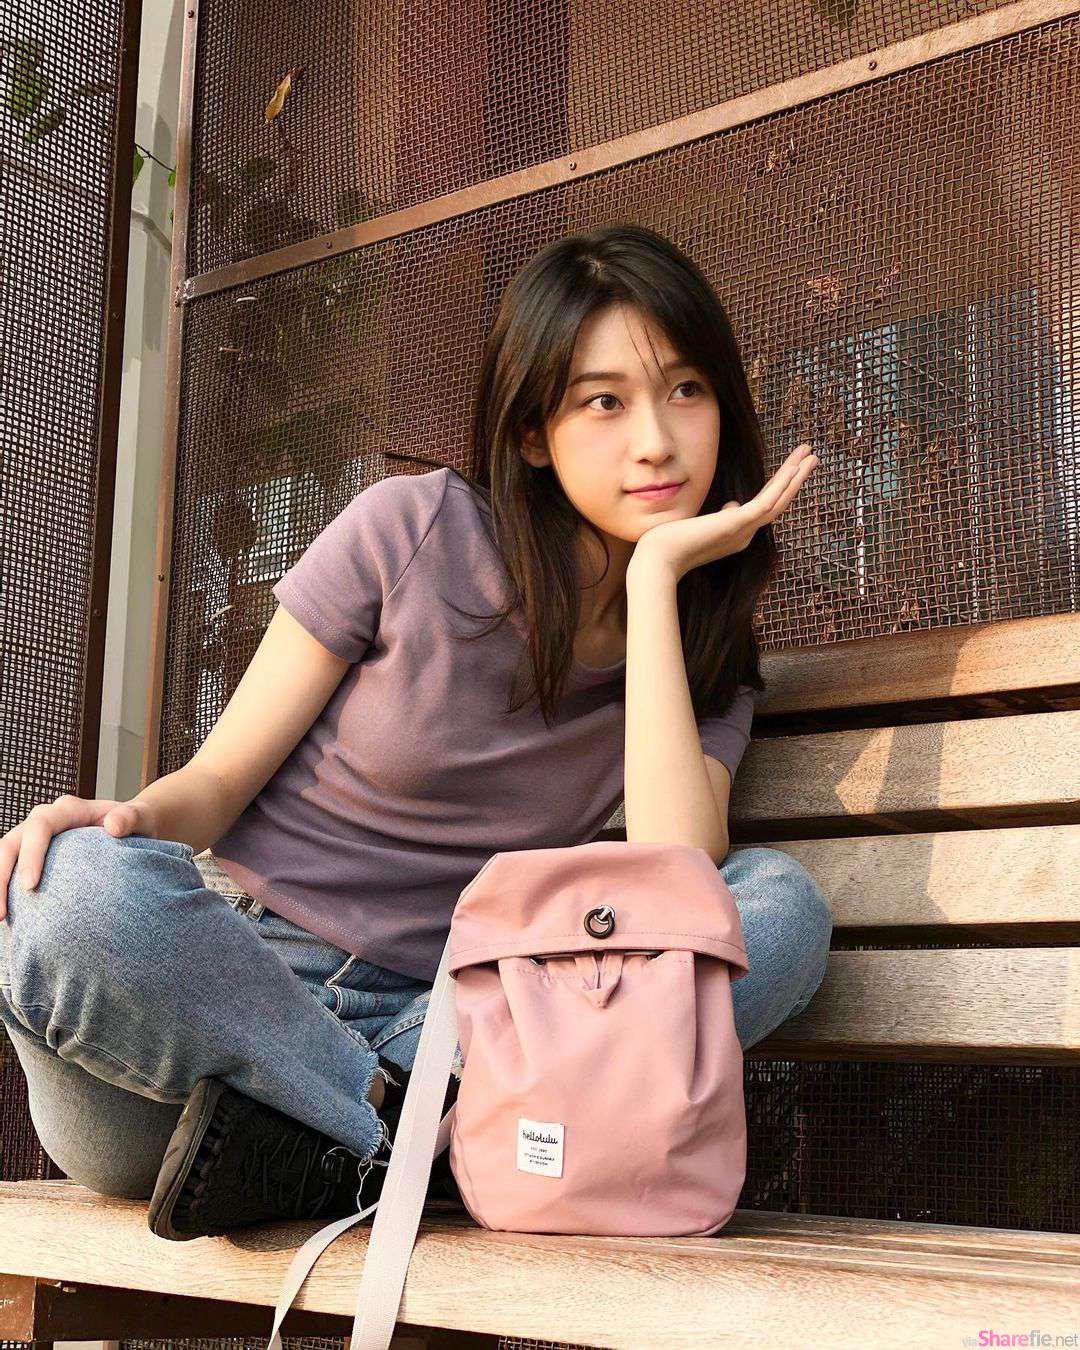 香港正妹Candy,臉蛋超正氣質美女